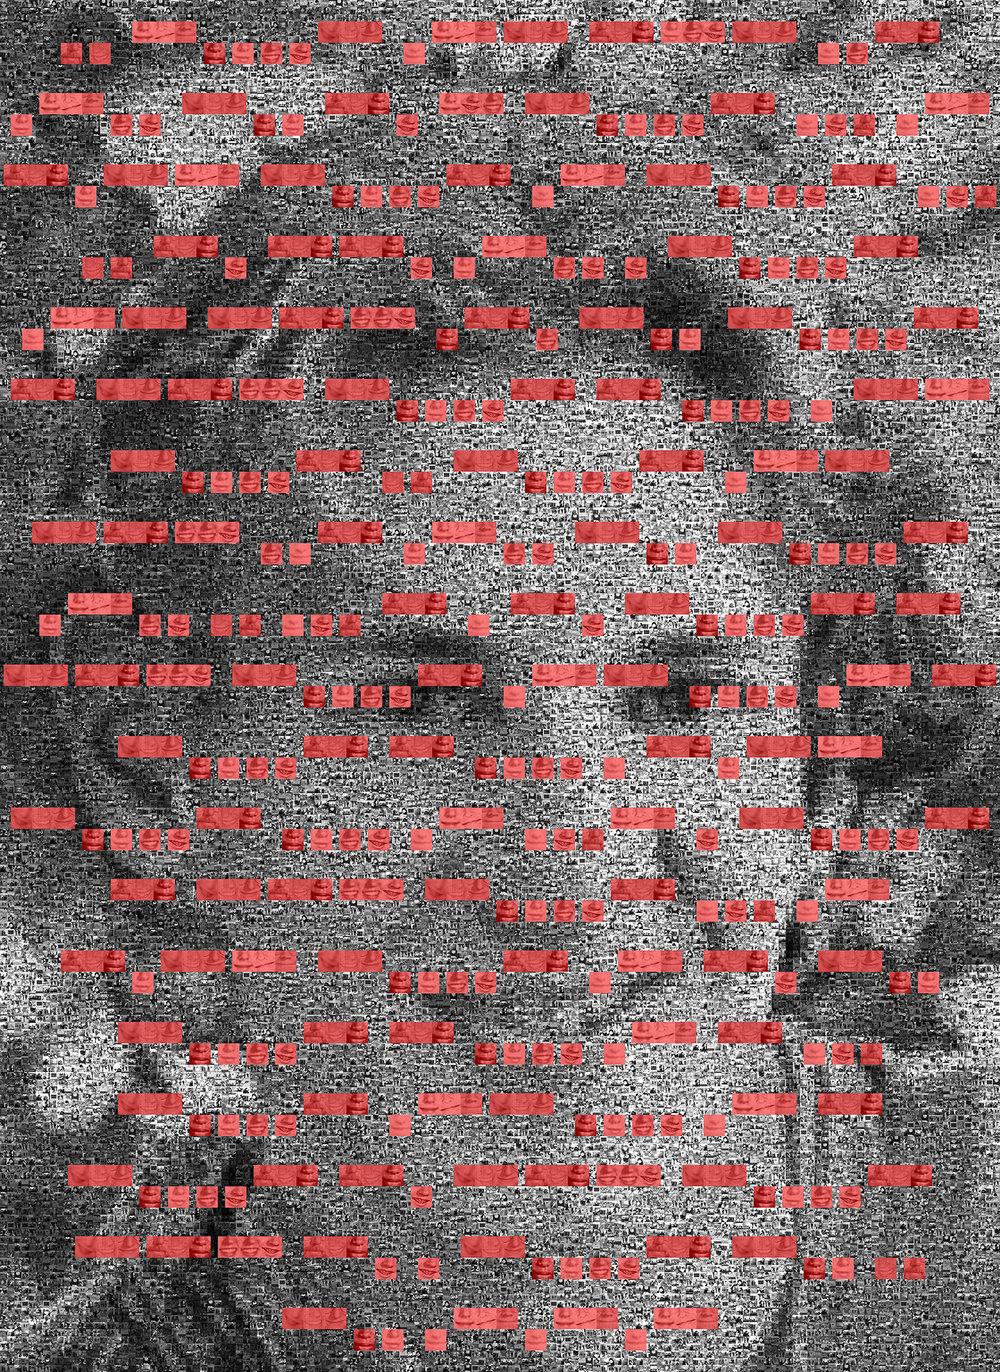 1999.4.20 科伦拜恩校园枪击事件,2016